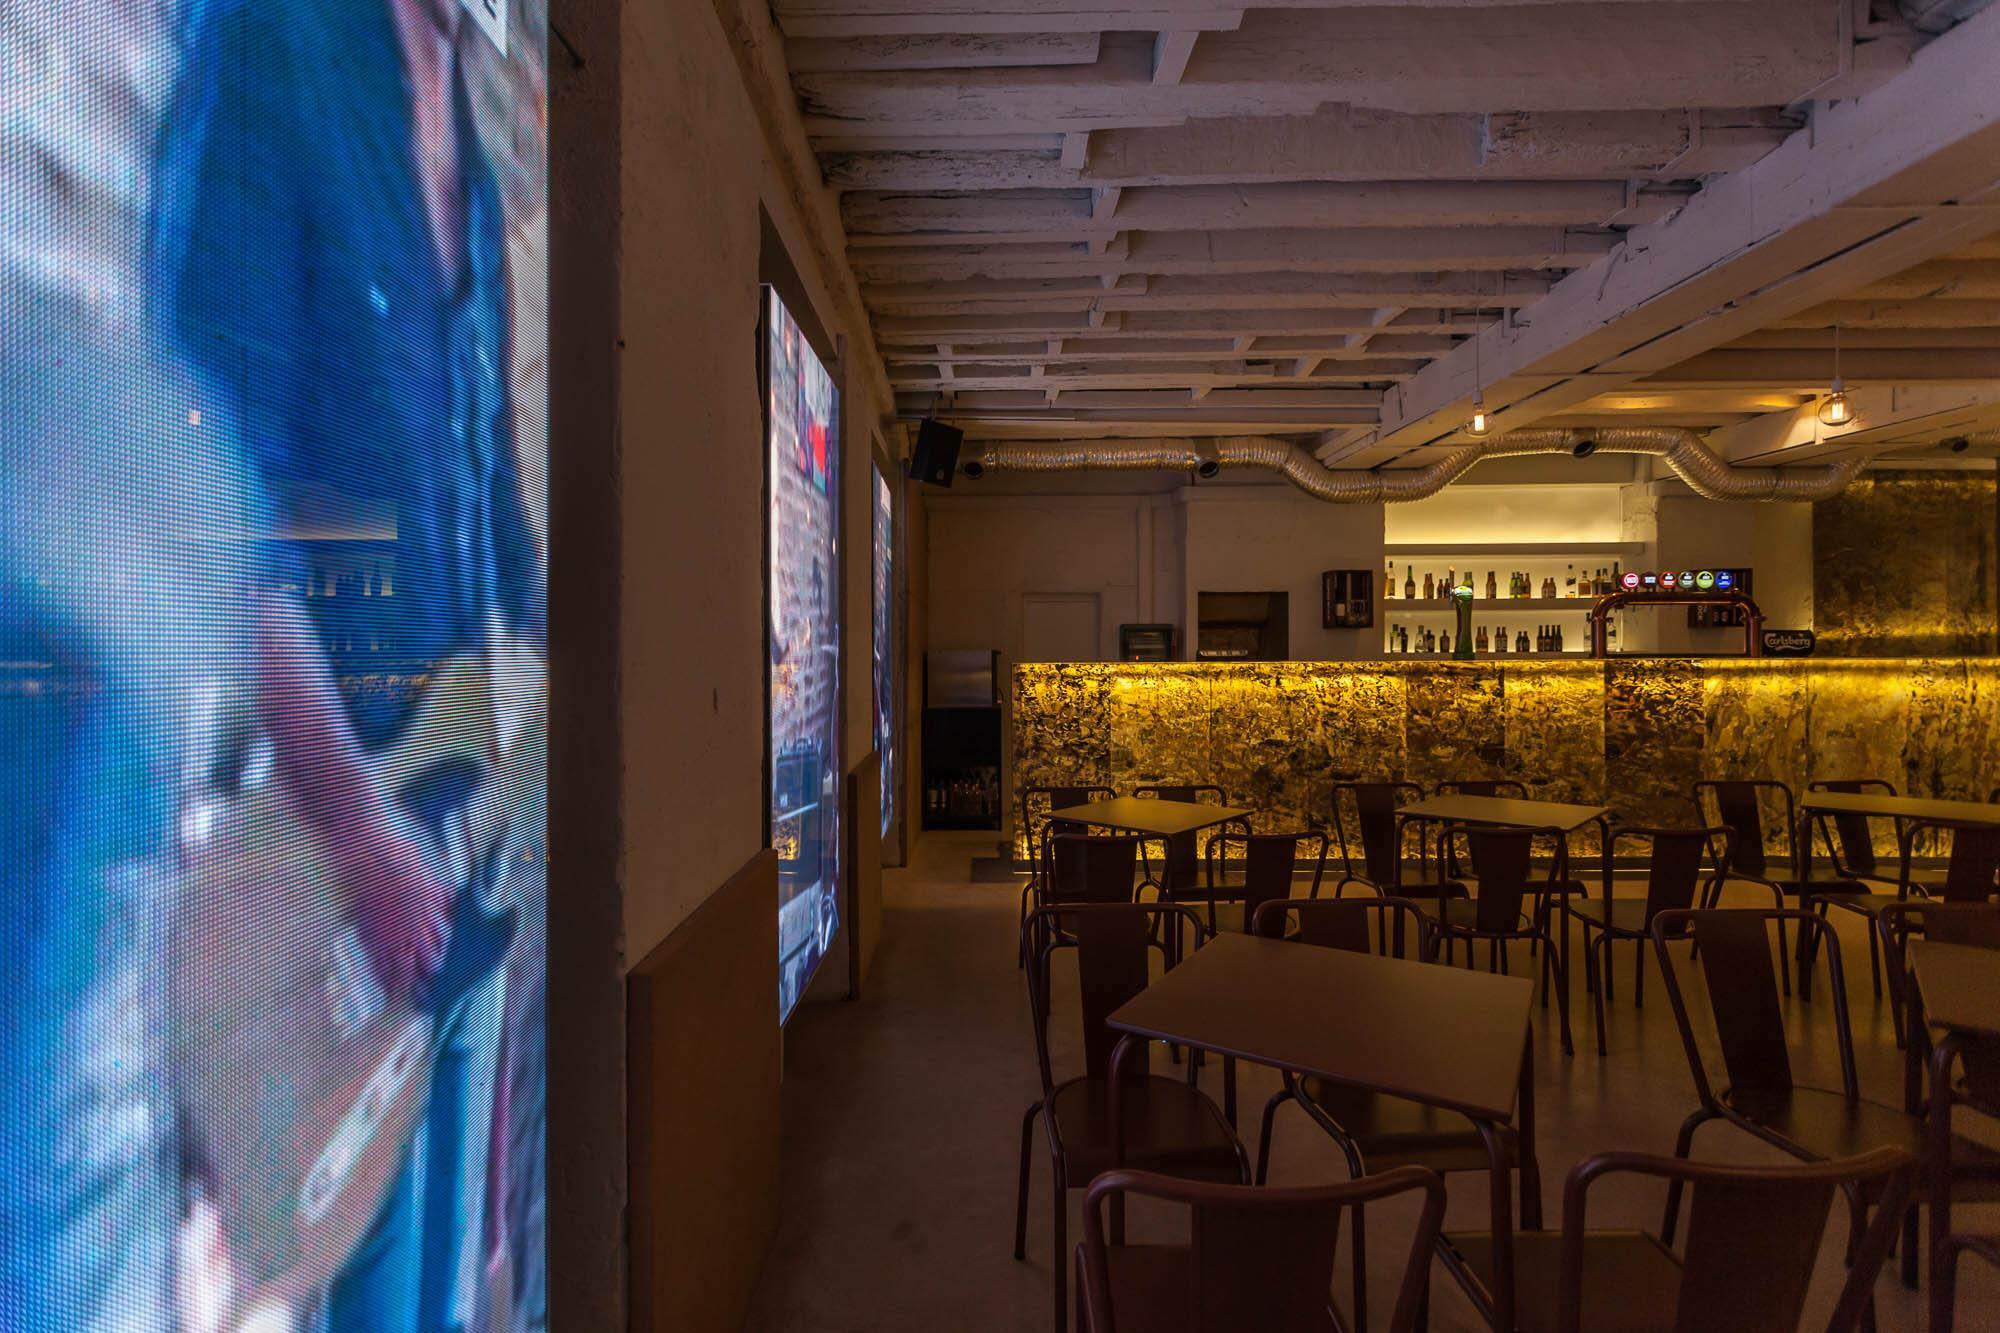 O ambiente do Malt, bar em pleno Cais do Sodré: dezenas de cervejas no menu